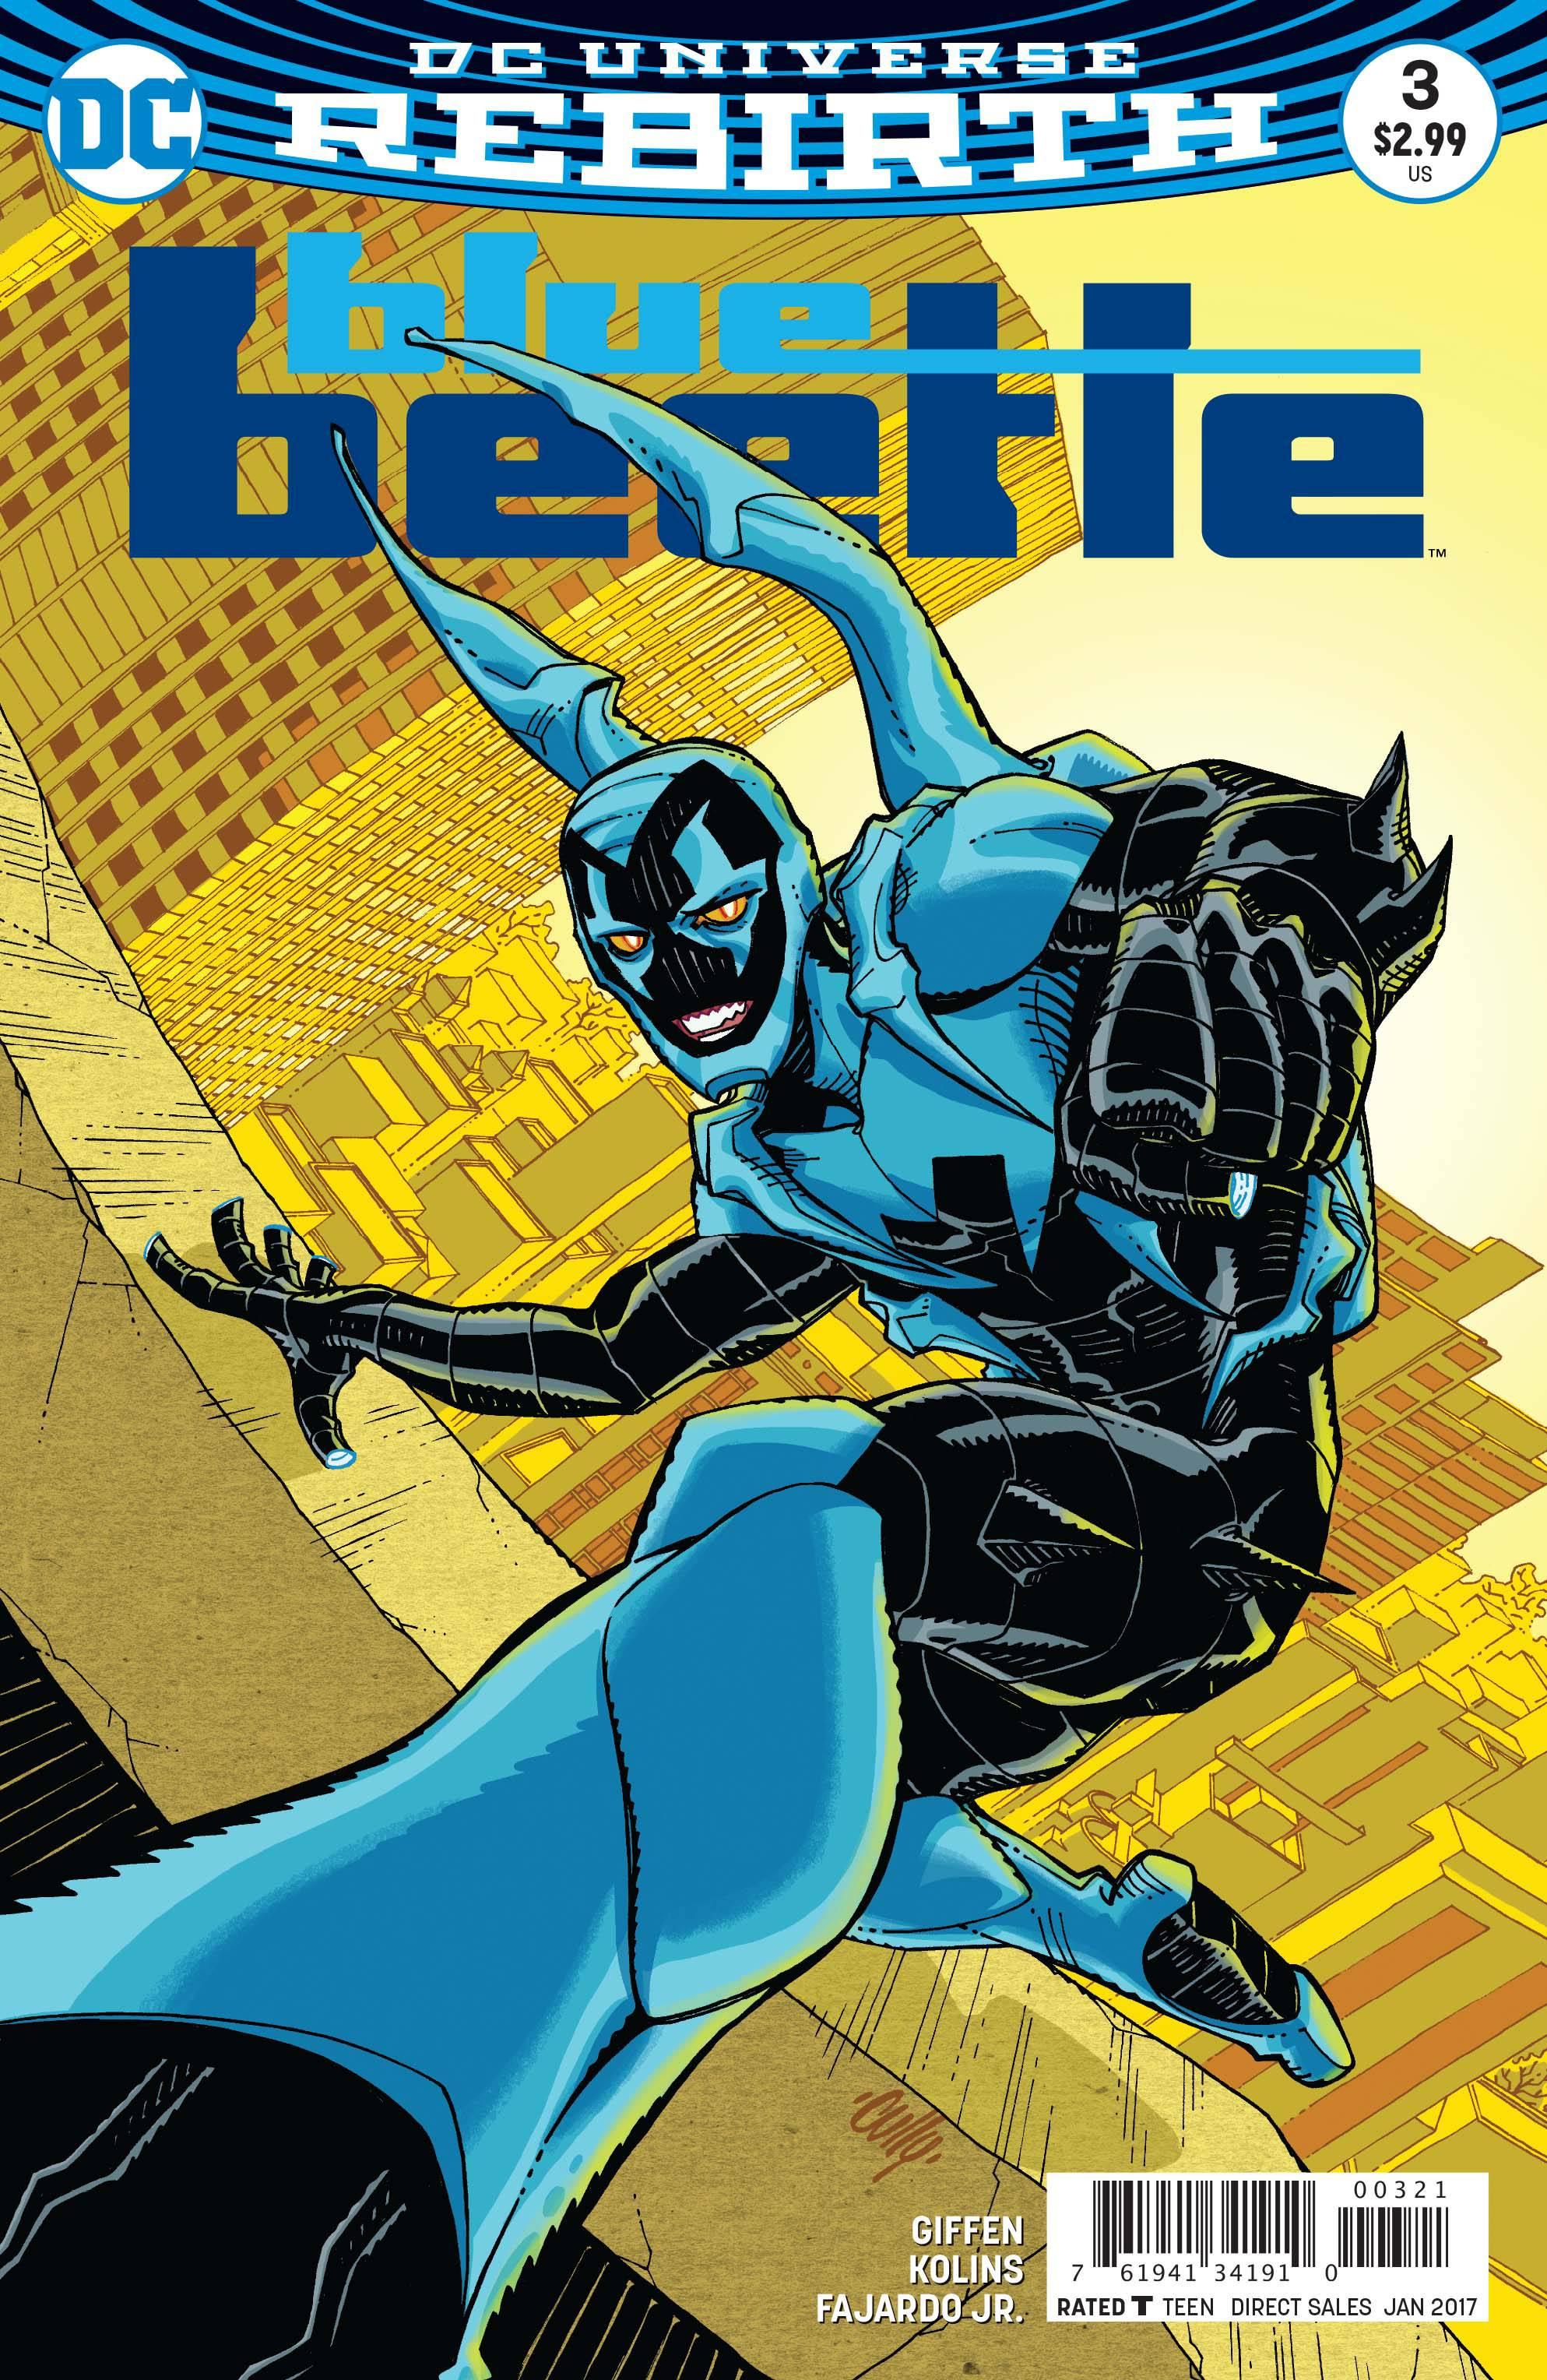 Blue Beetle #3 Var Ed